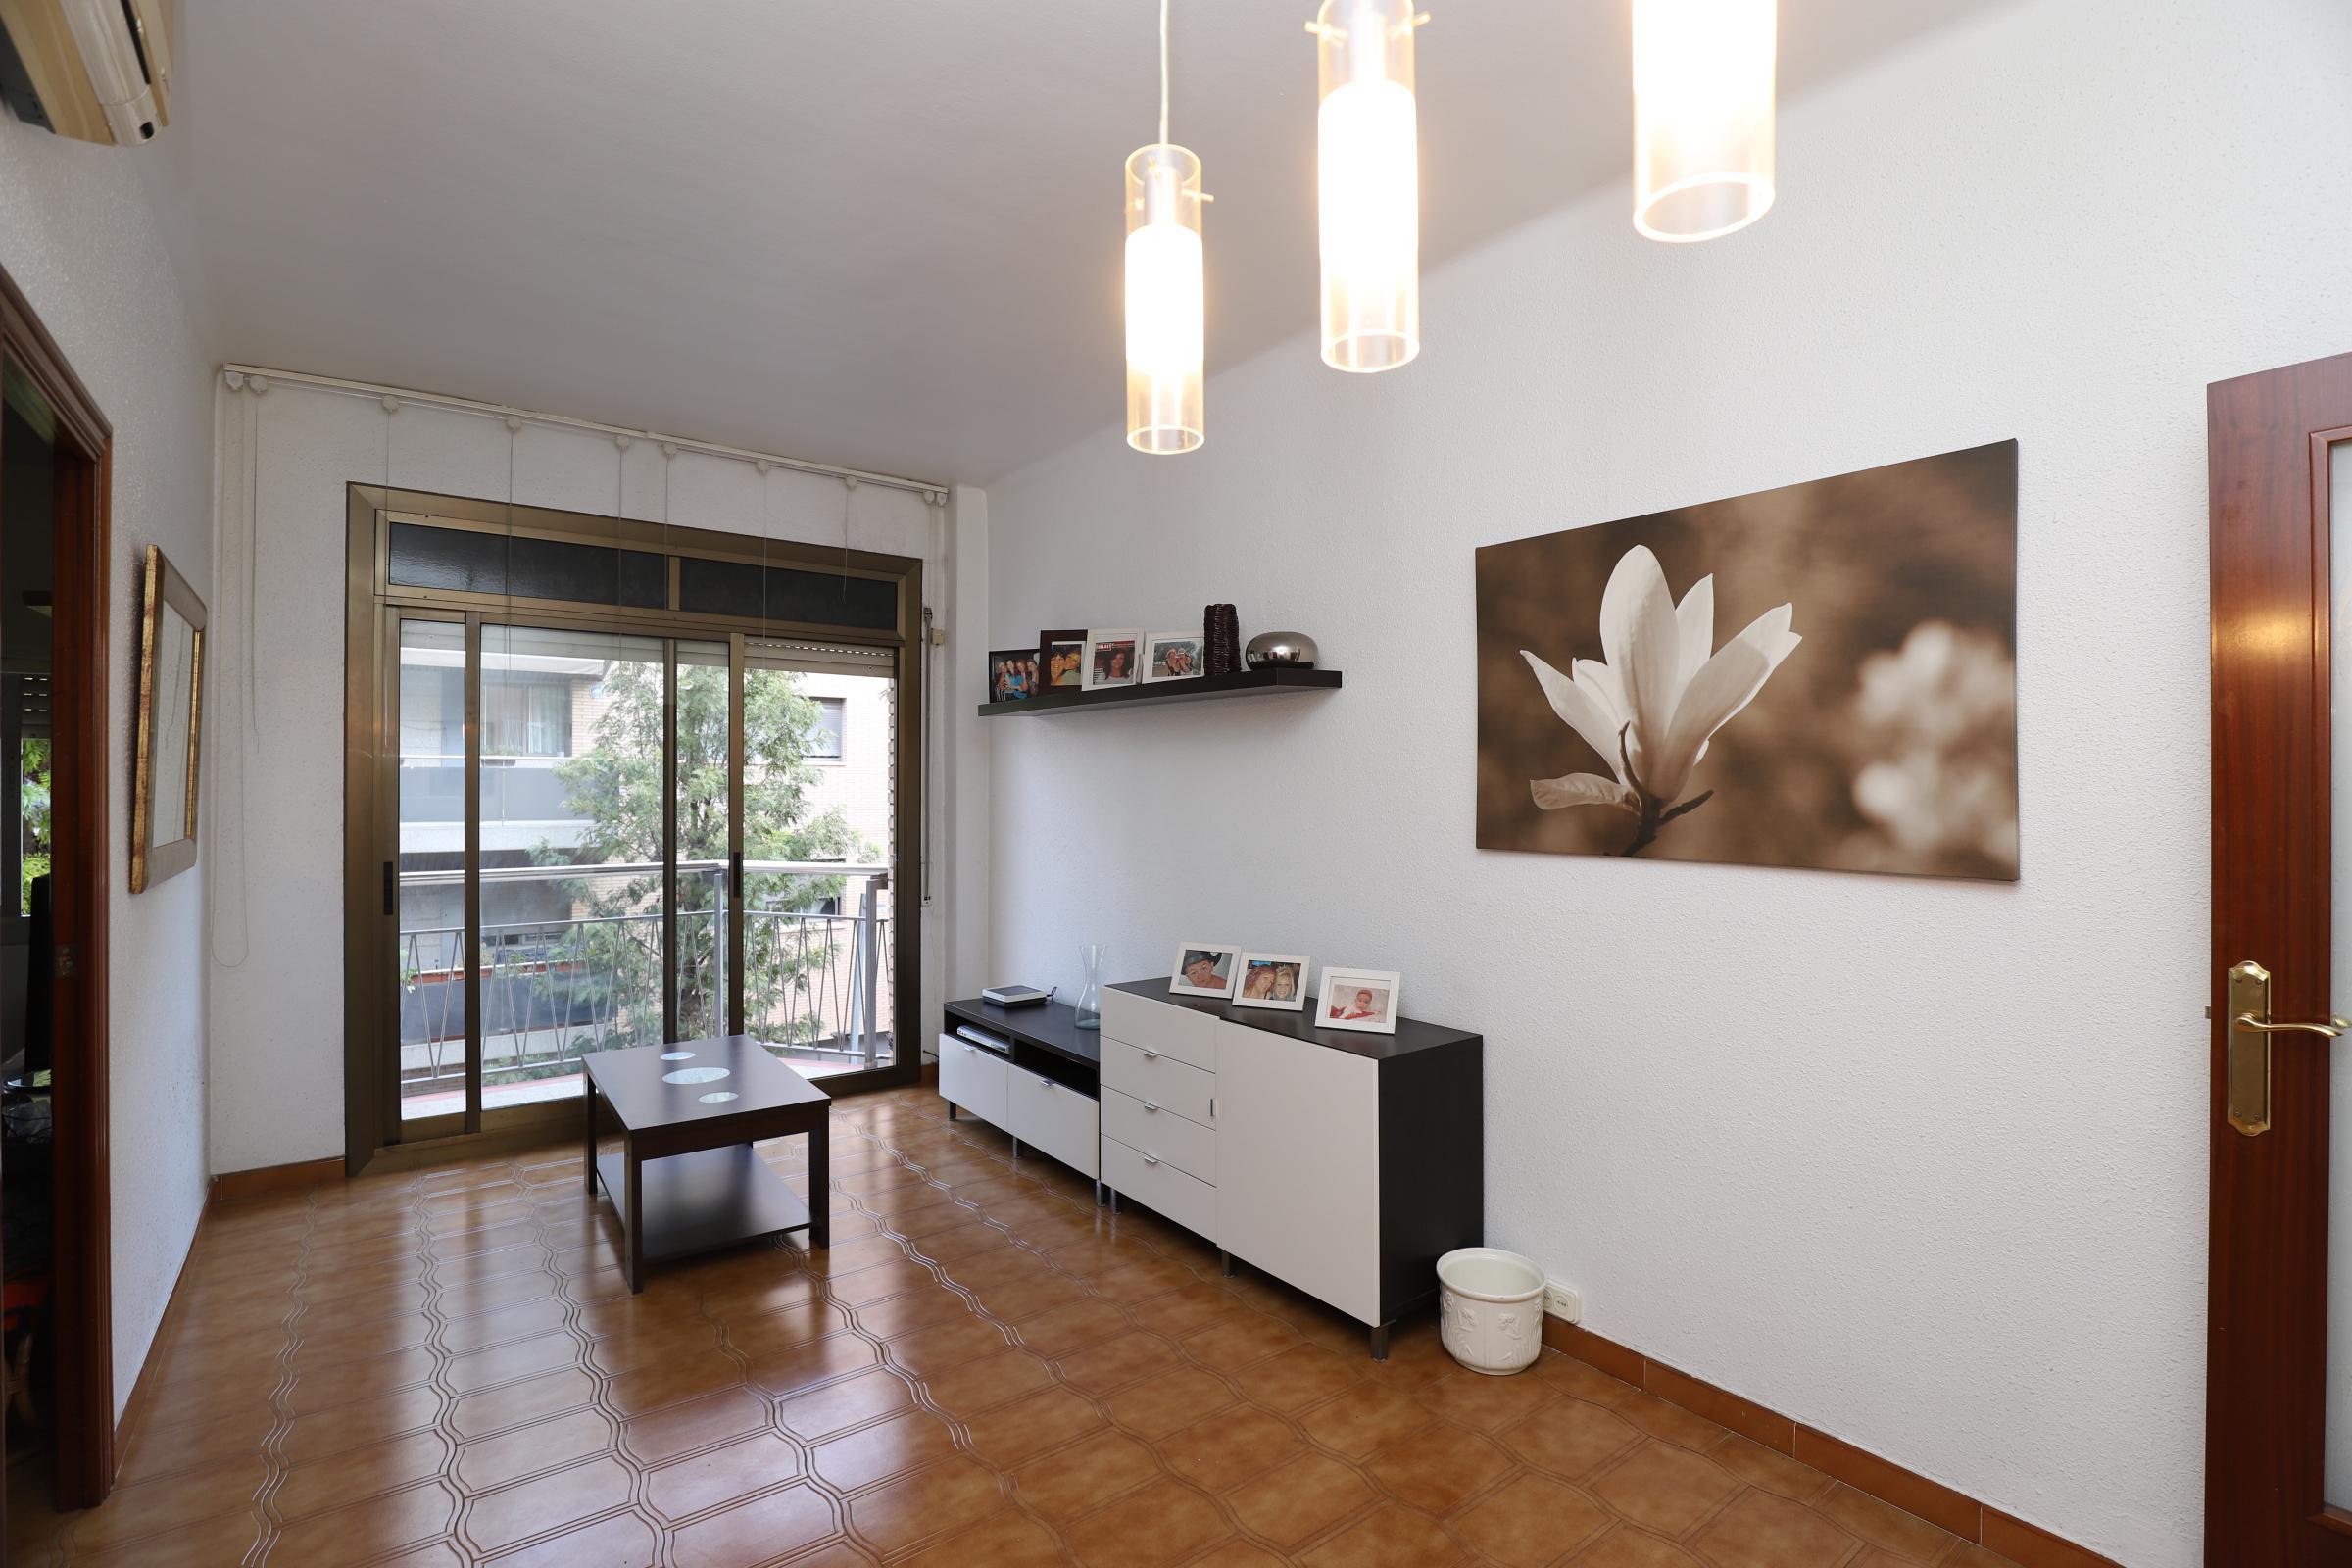 Imagen 2 Piso en venta en Esplugues De Llobregat / Cerca Casal de cultura Robert Brillas